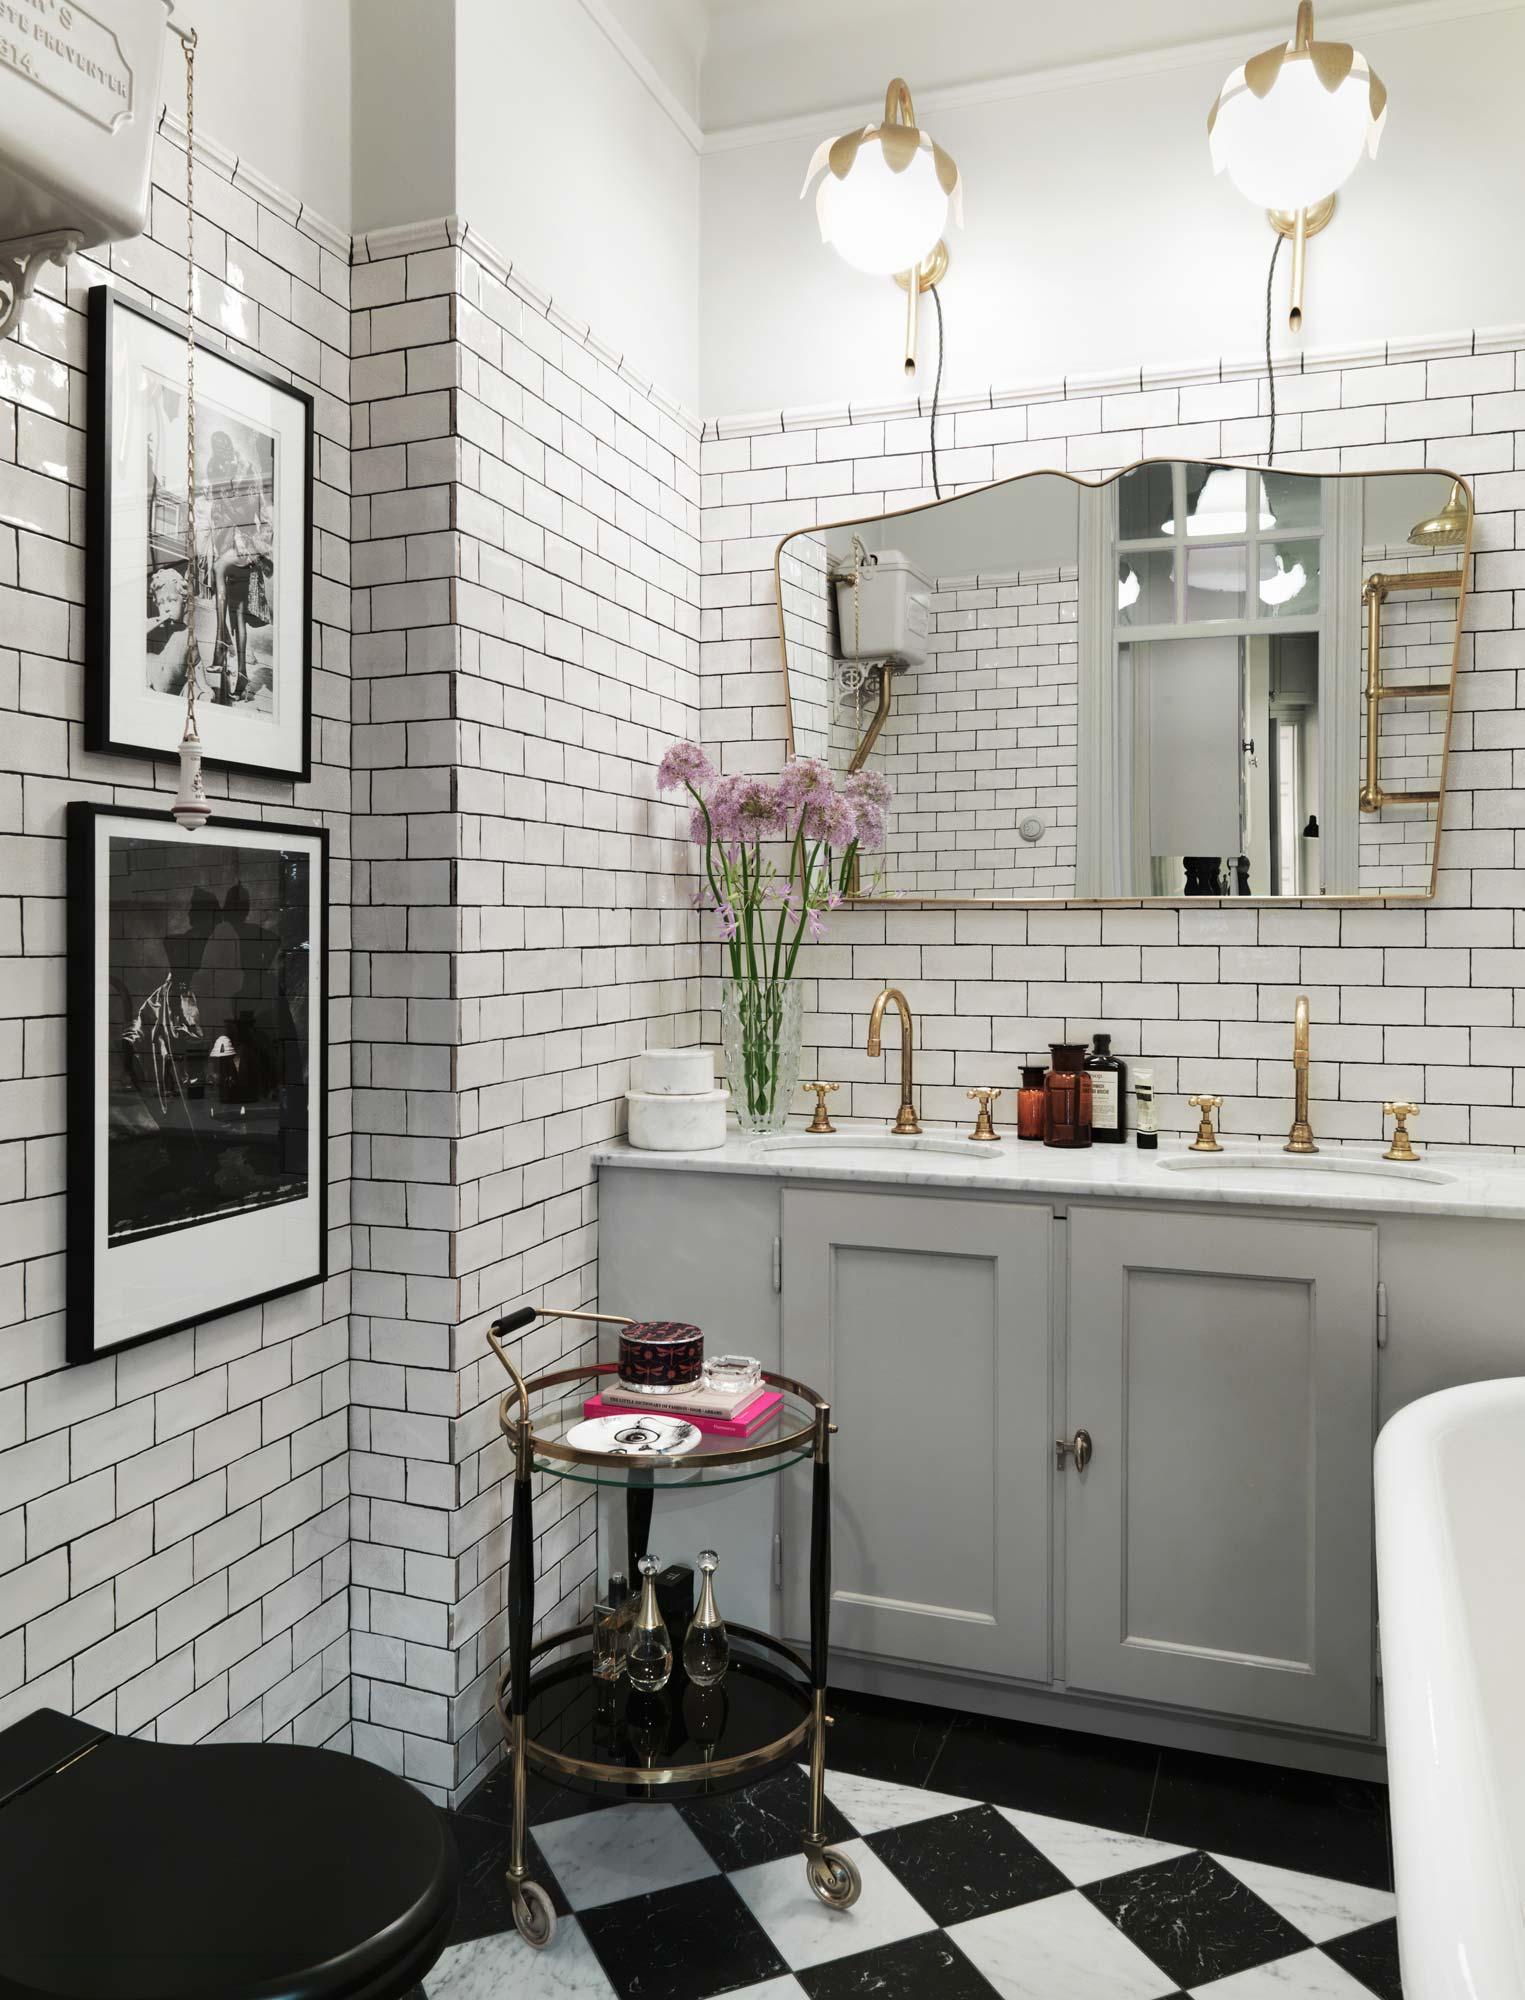 bathroom wall lighting - Wall Sconces Bathroom